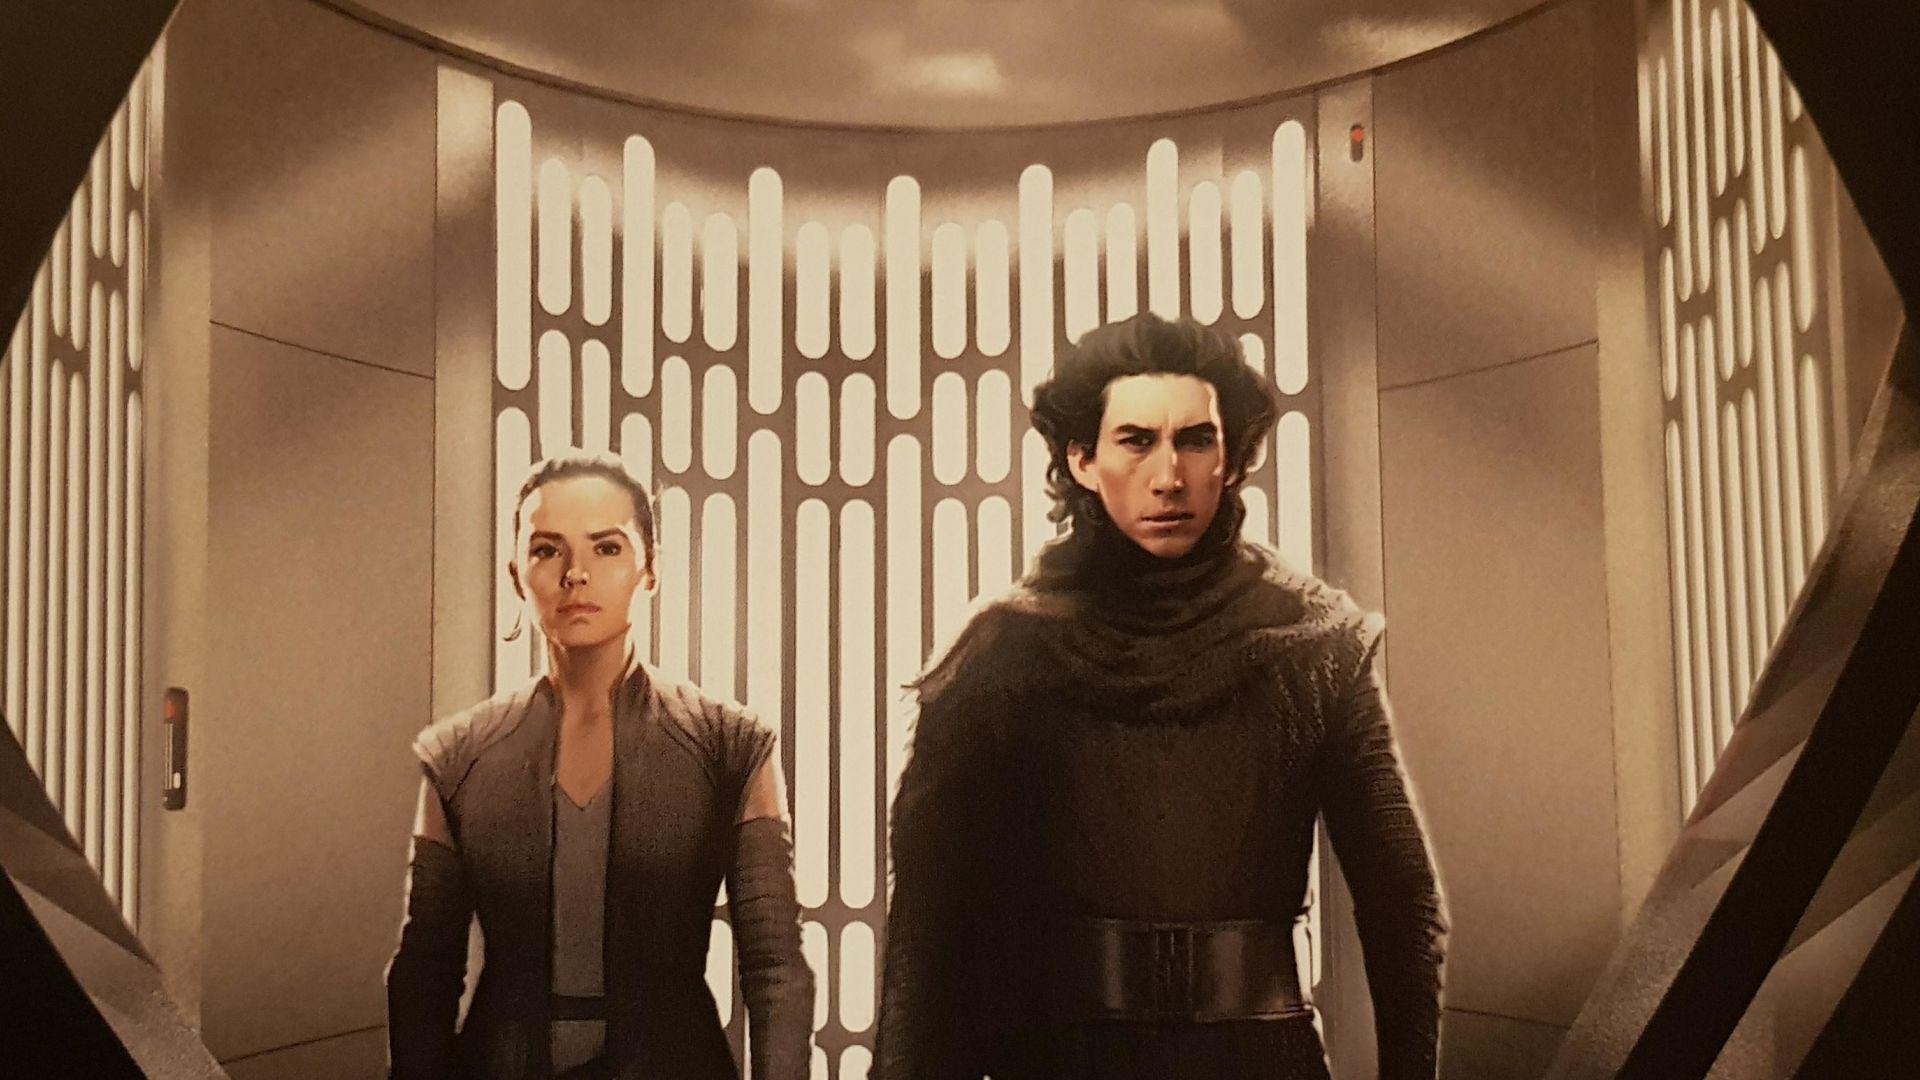 Rey, kylo ren, star wars: the last jedi, fan artwork Wallpaper